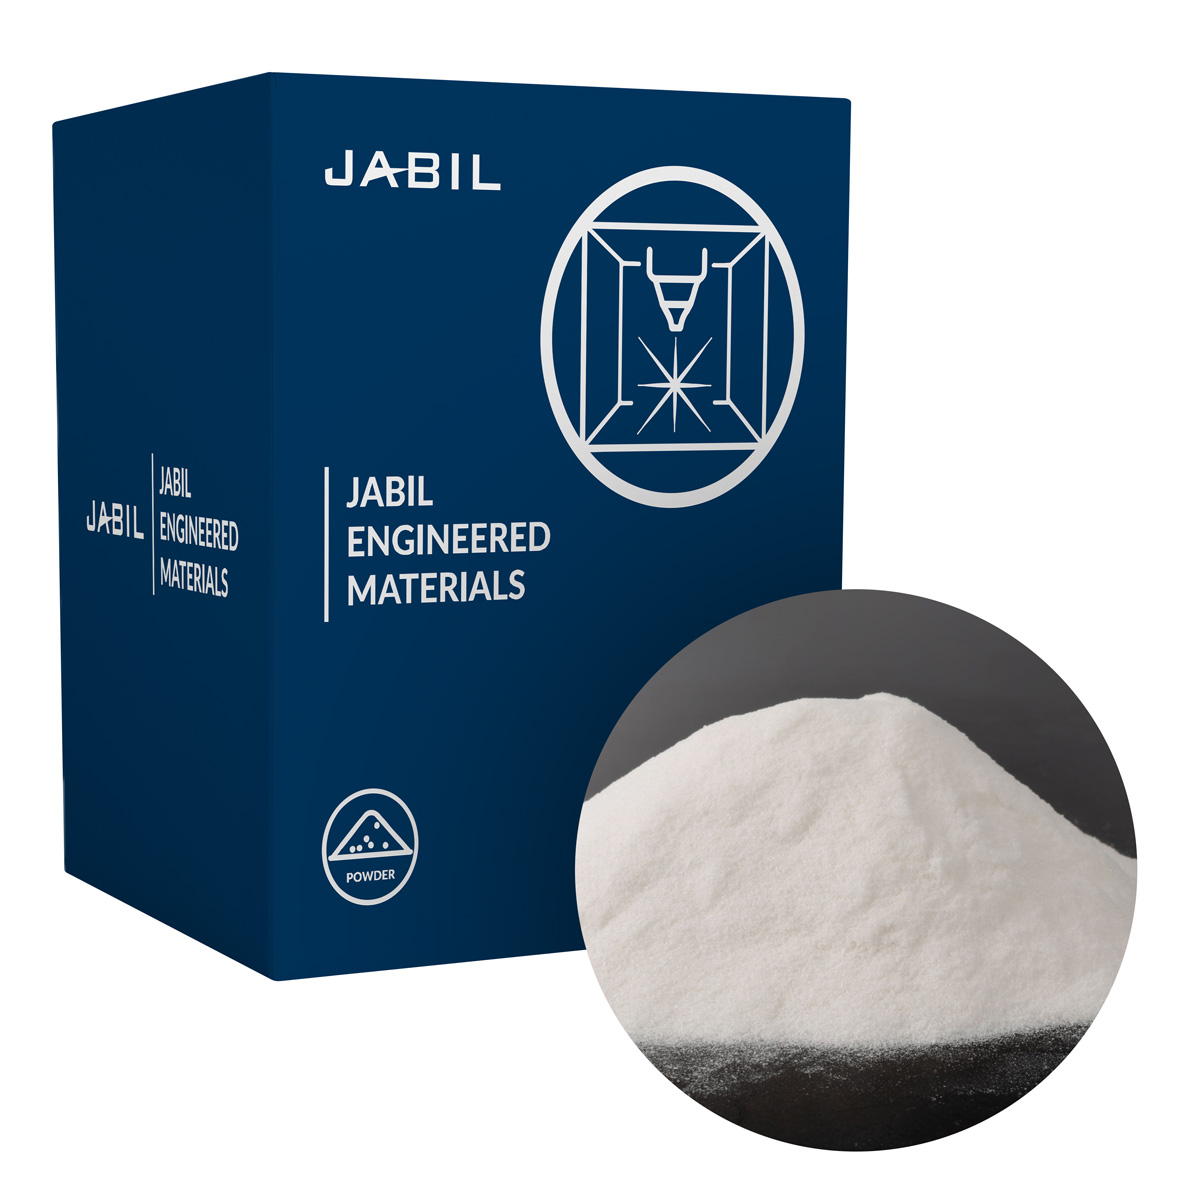 JABIL PA 4000 P NATURAL SPOOL